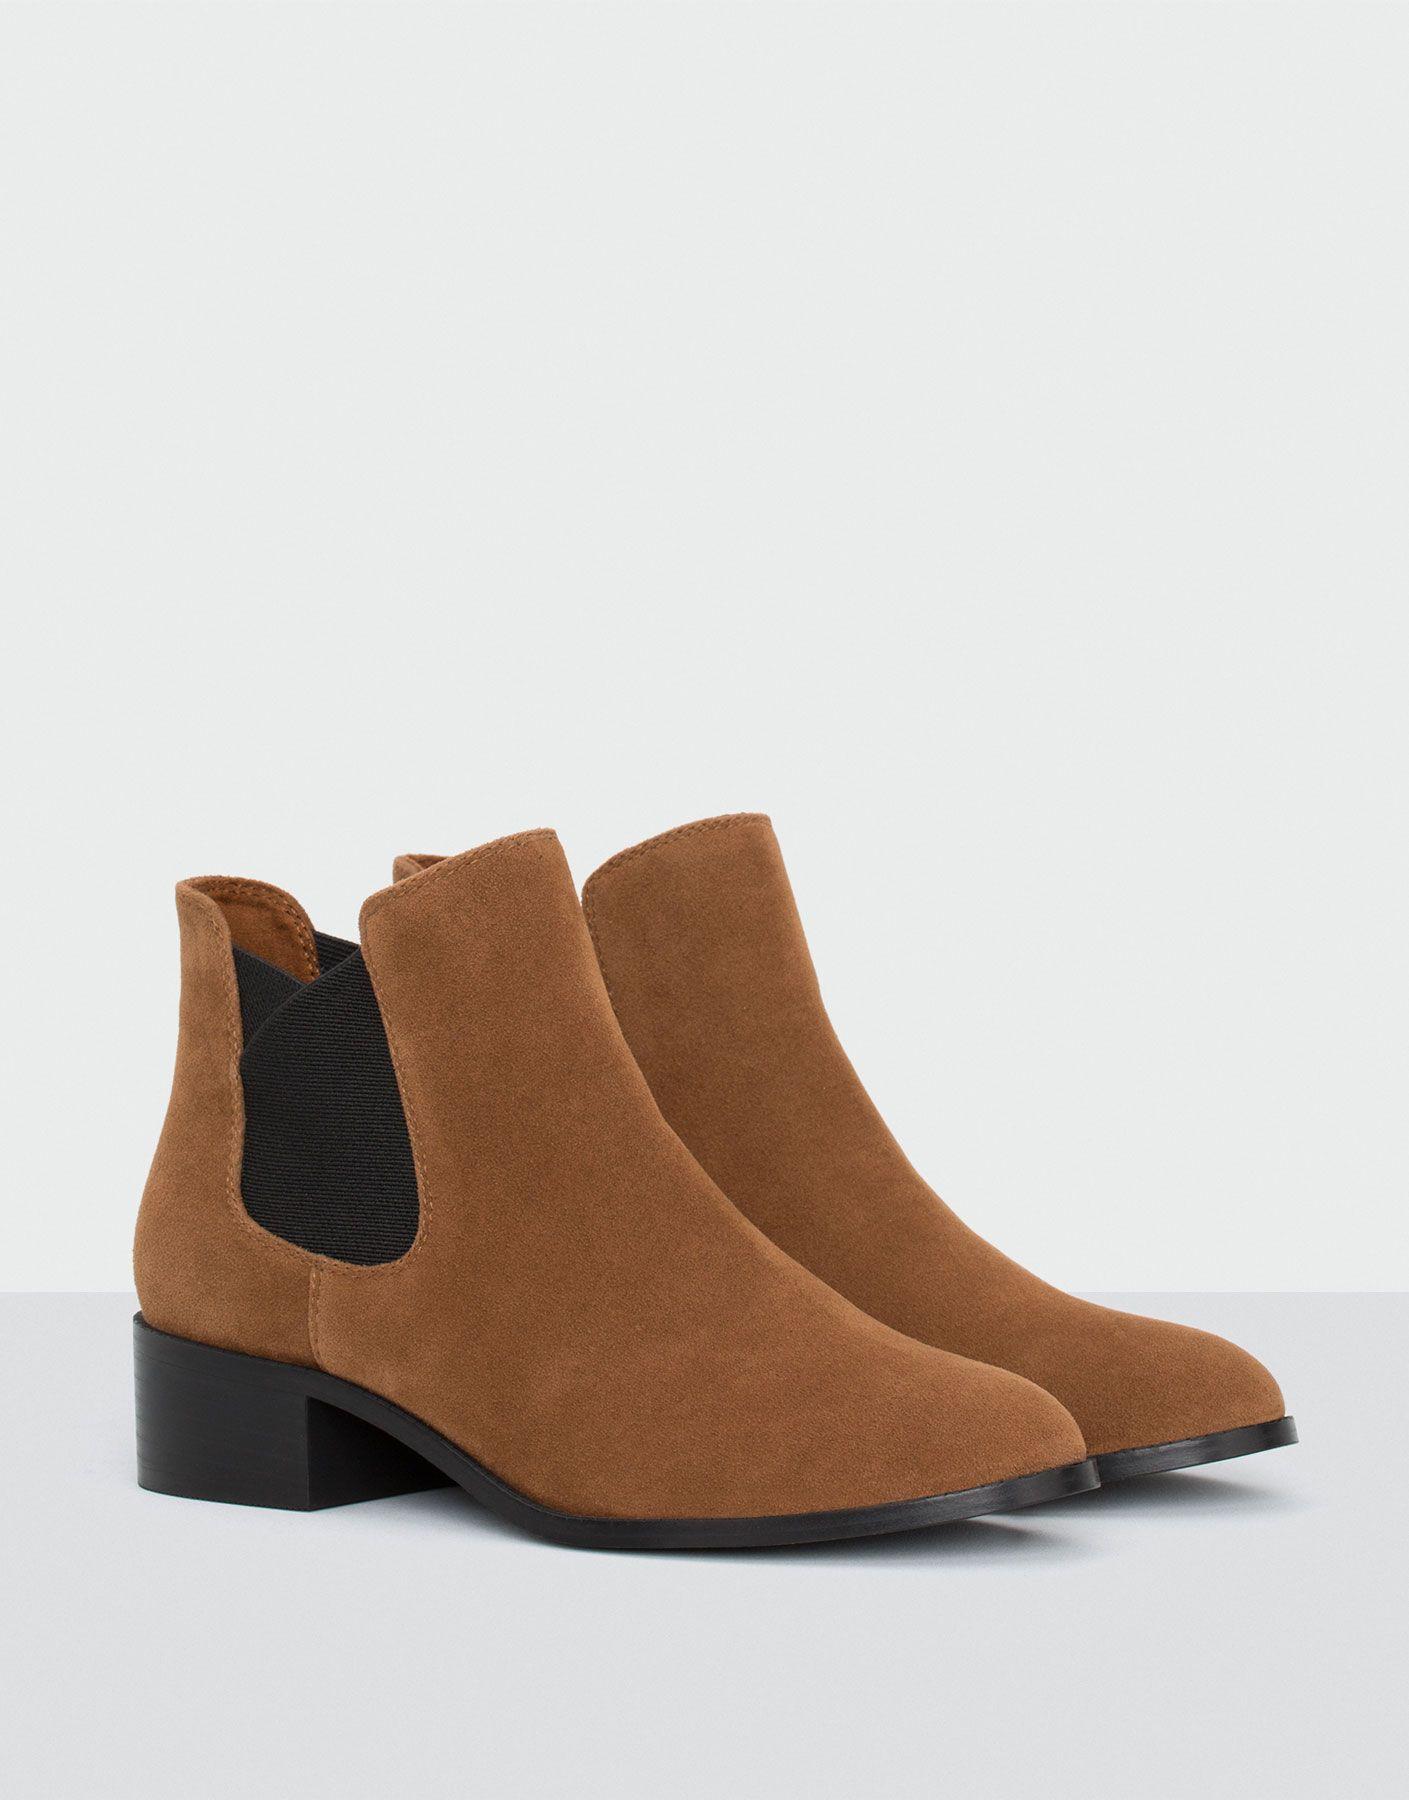 Botki Z Gumka W Kolorze Skory Zobacz Wszystko Buty Dla Niej Women Shoes Boots Ankle Boot